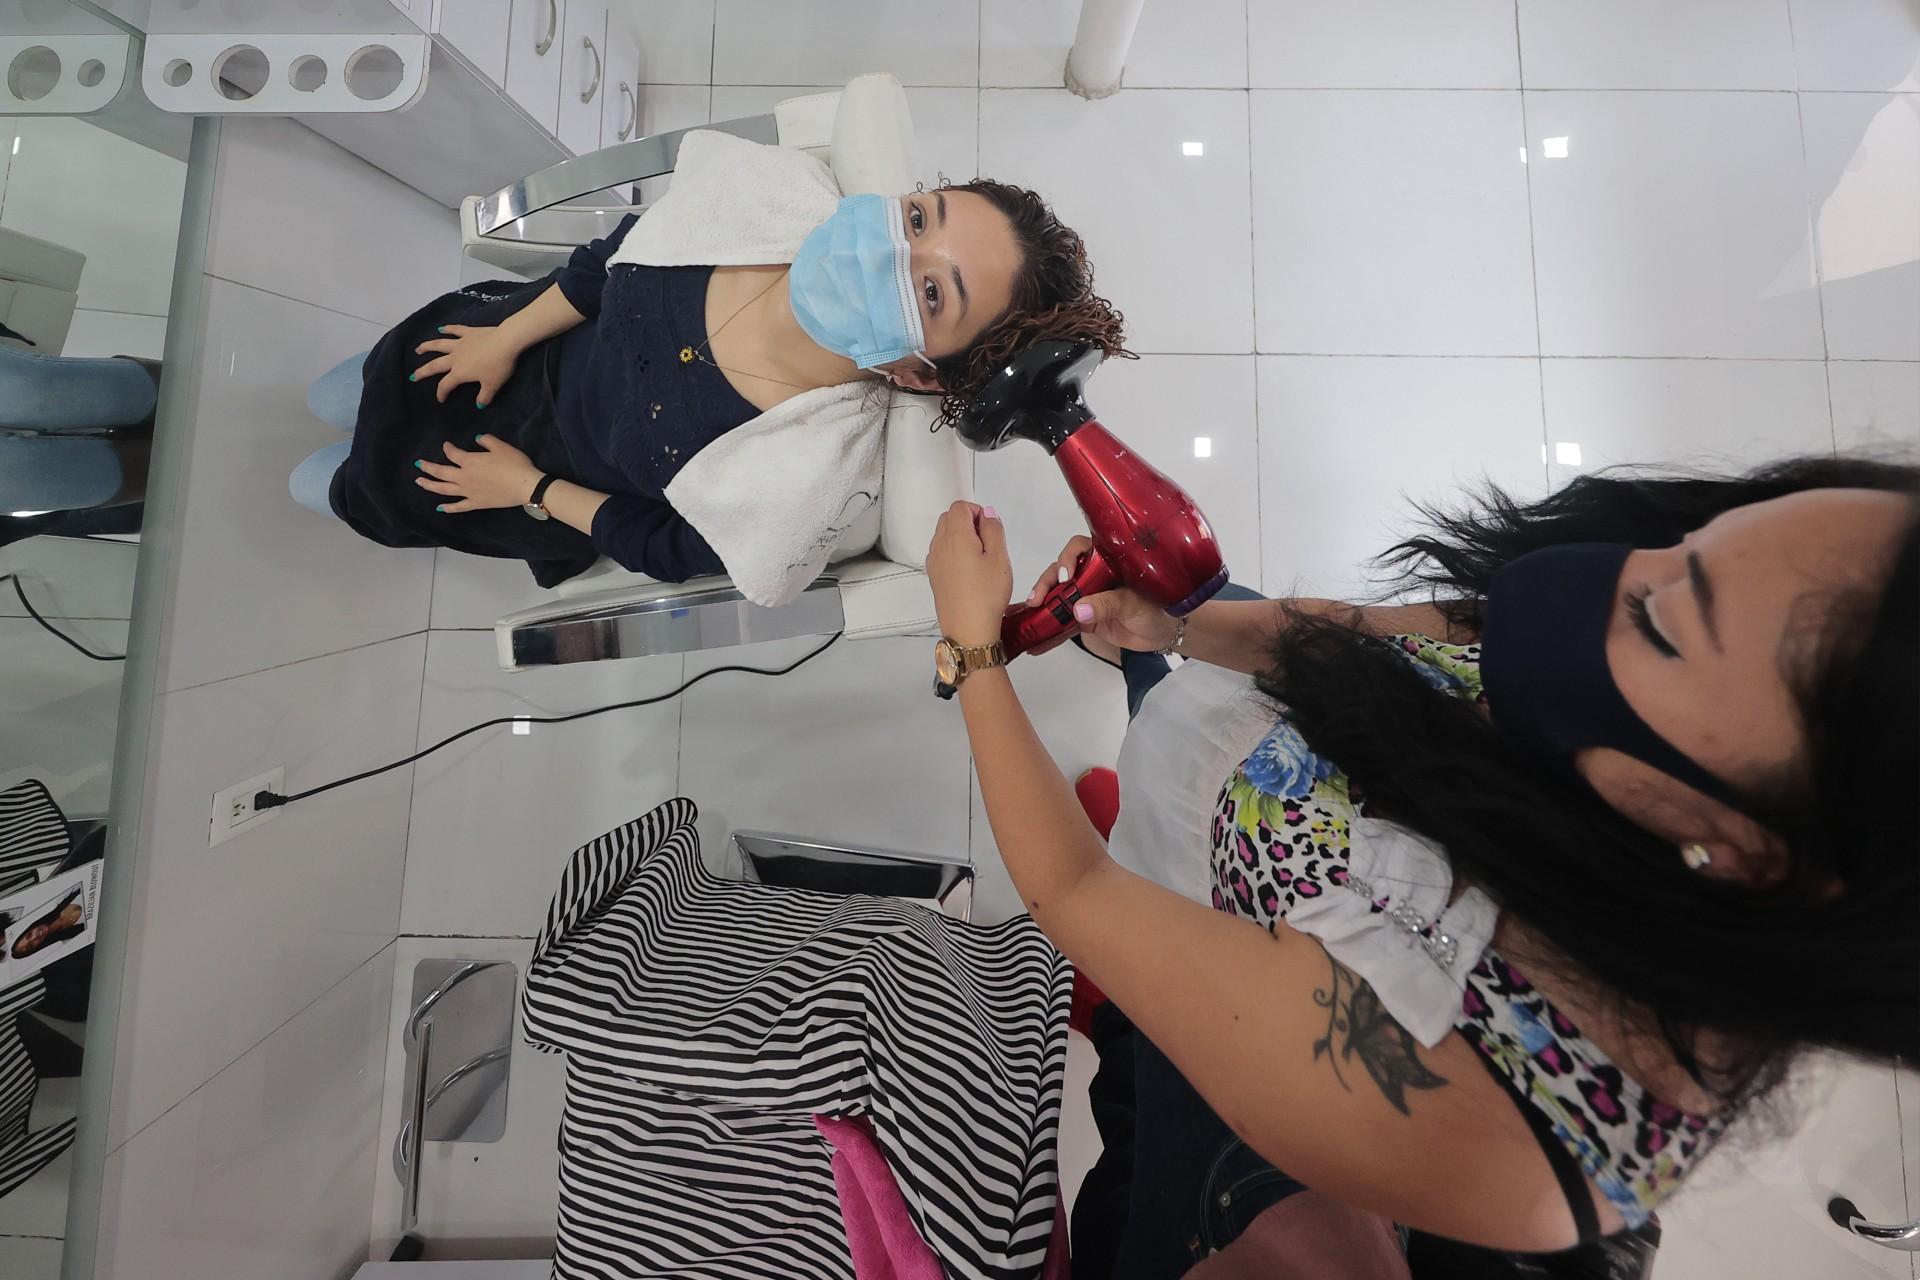 Salony fryzjerskie wNowym Jorku rezygnują zróżnic wcenie podyktowanych płcią. Wzór donaśladowania?